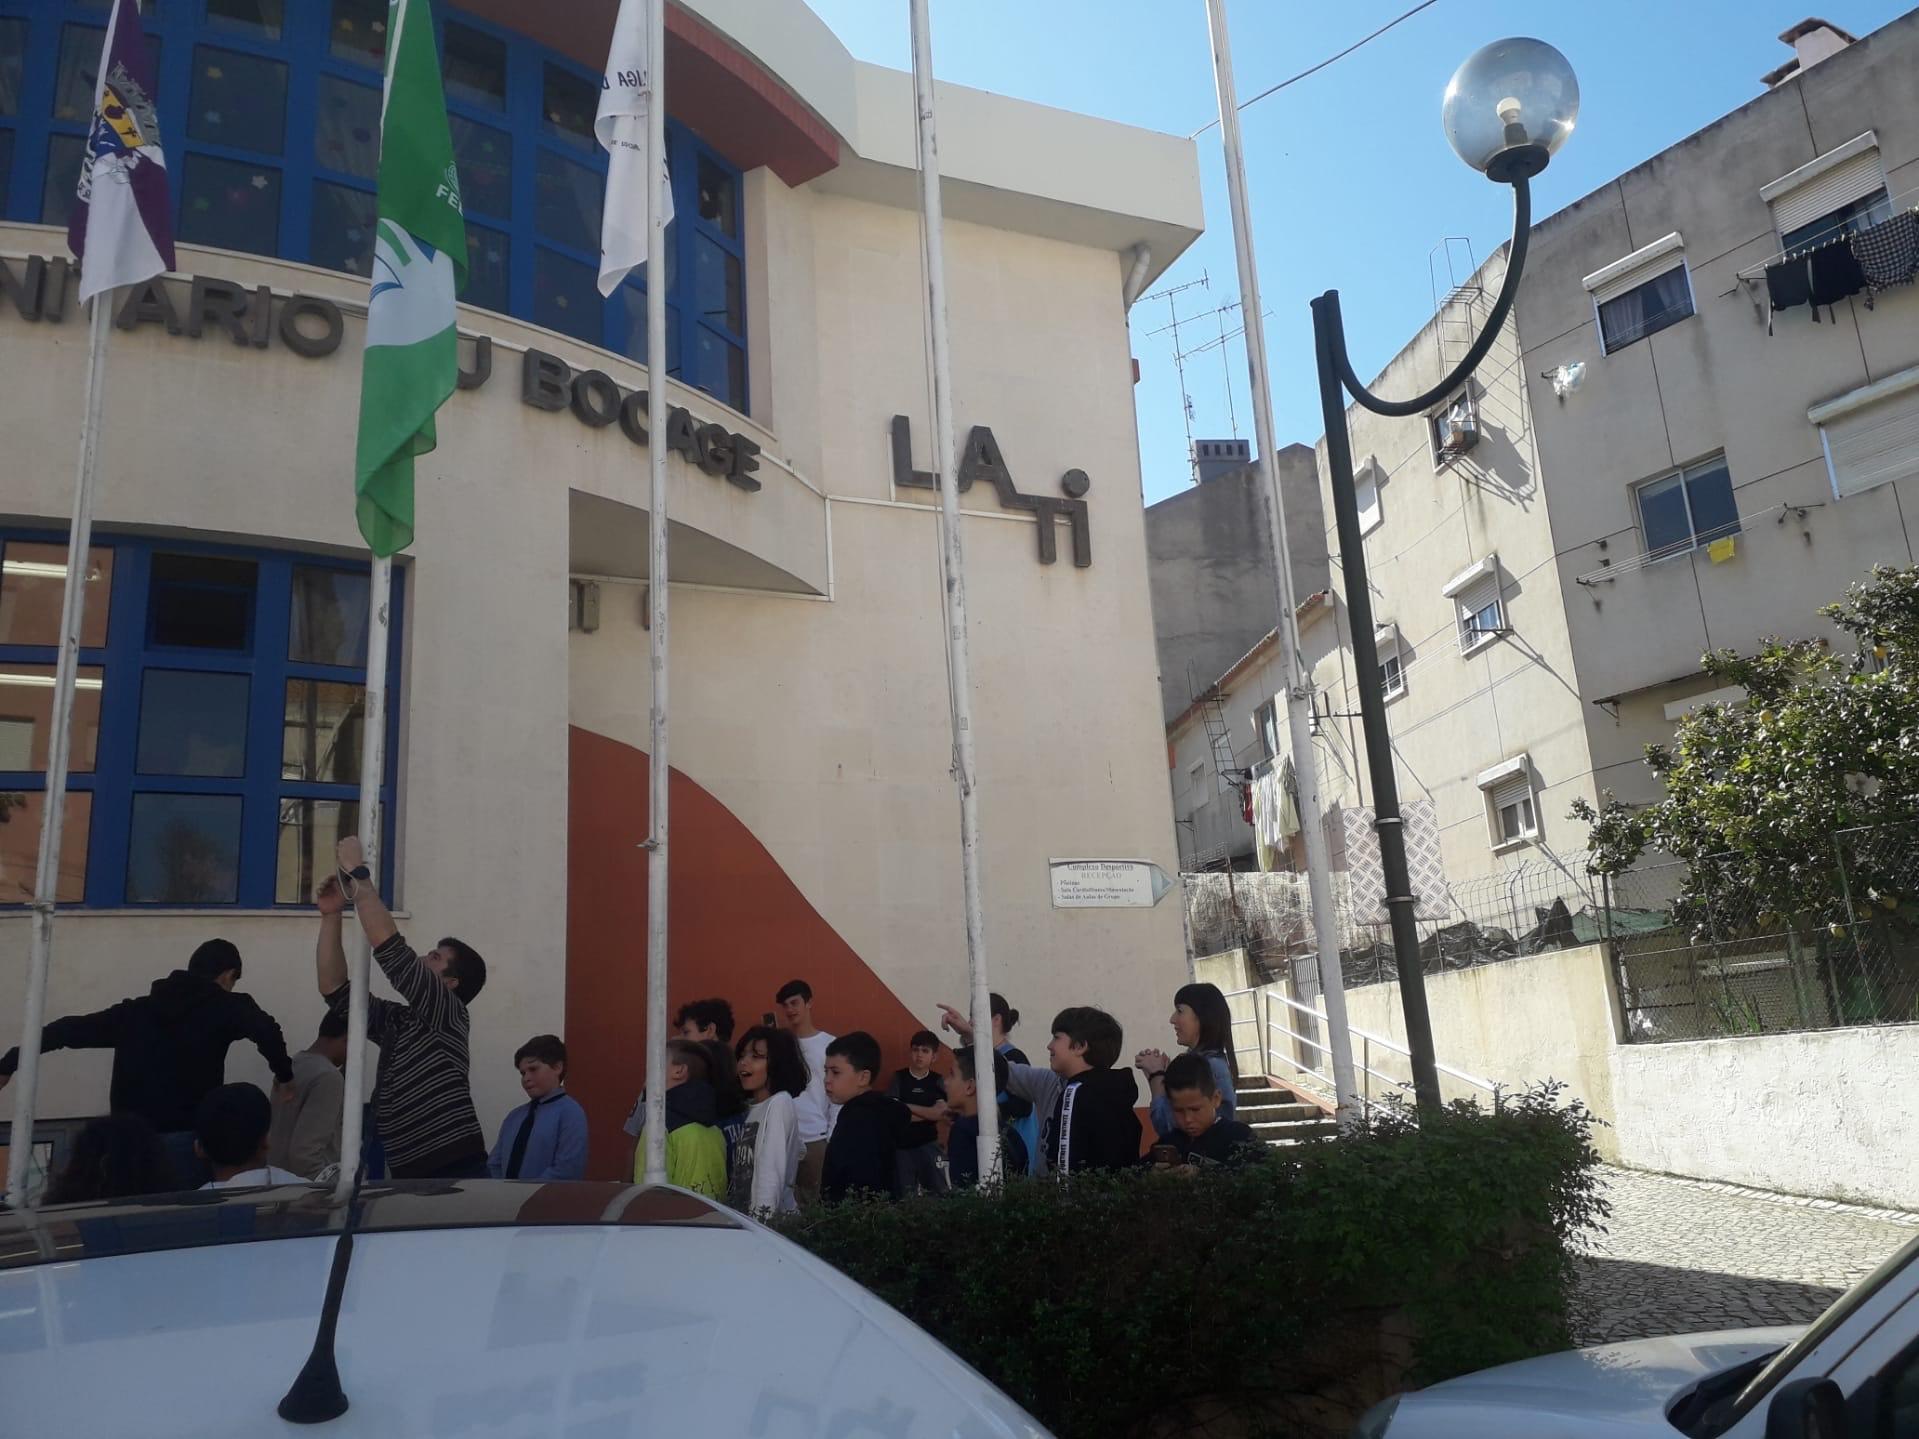 Hasteada a Bandeira Verde do Programa Eco escolas na Lati